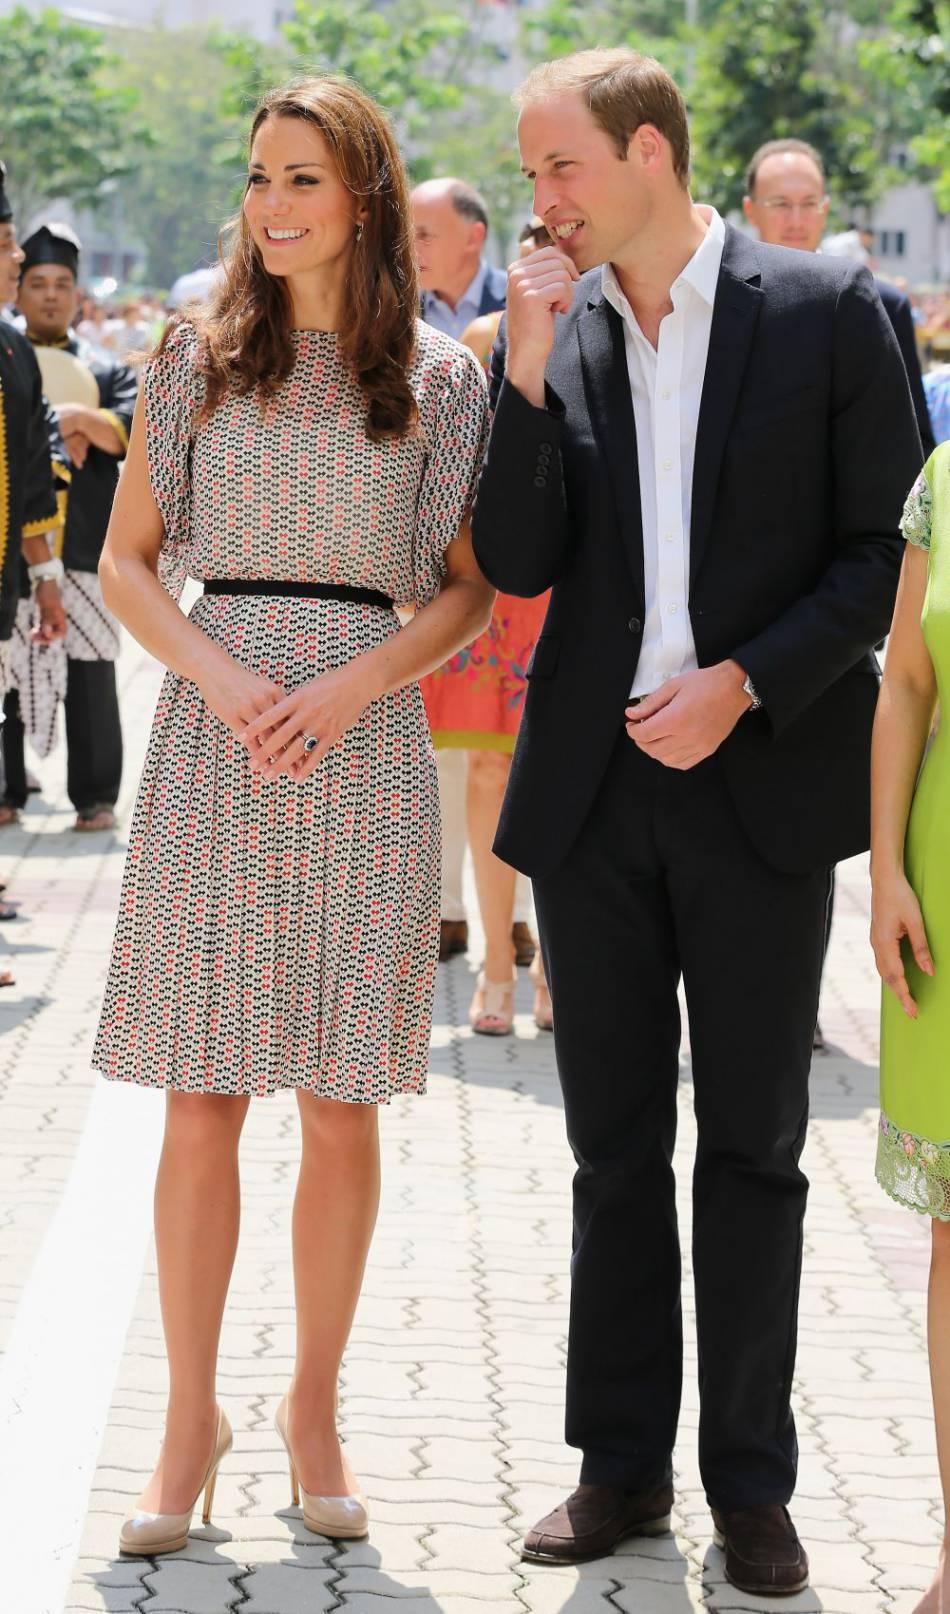 Transparence légère au niveau du décolleté mais assez pour glamouriser sa tenue. Kate Middleton rayonne.